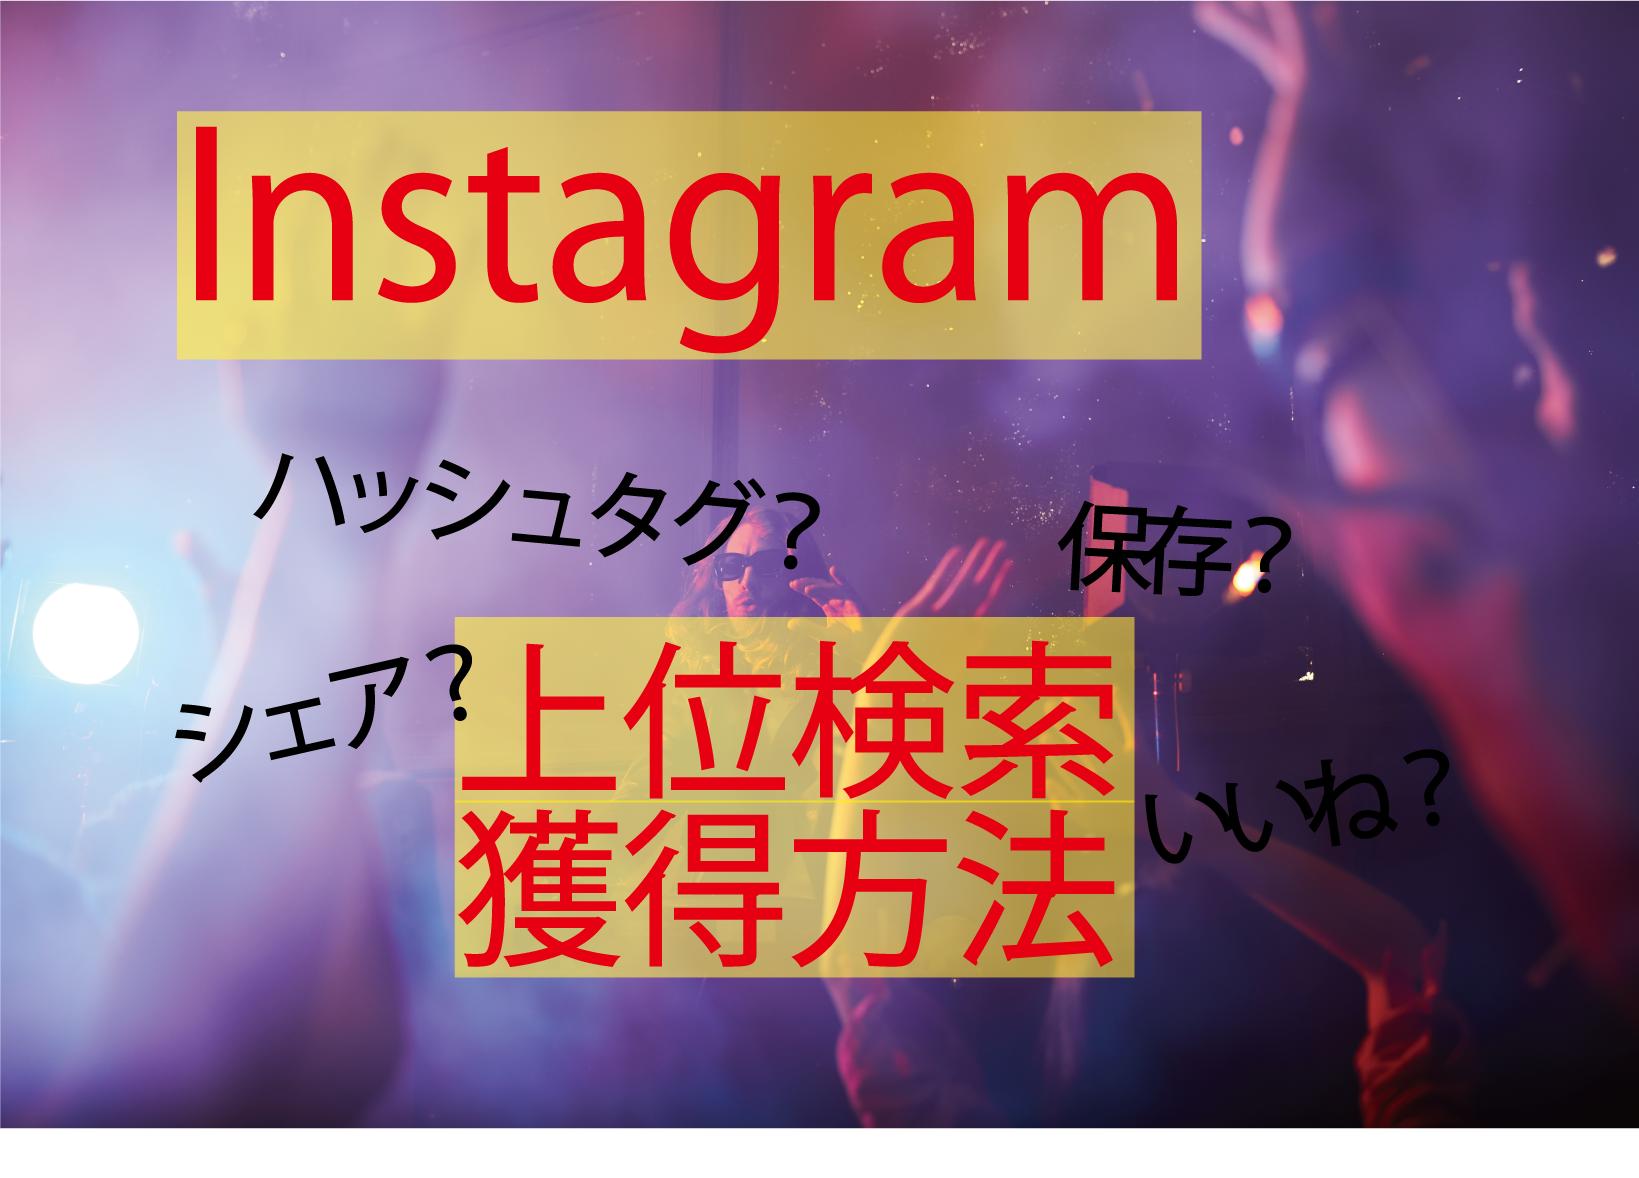 【Instagram】上位検索取り方